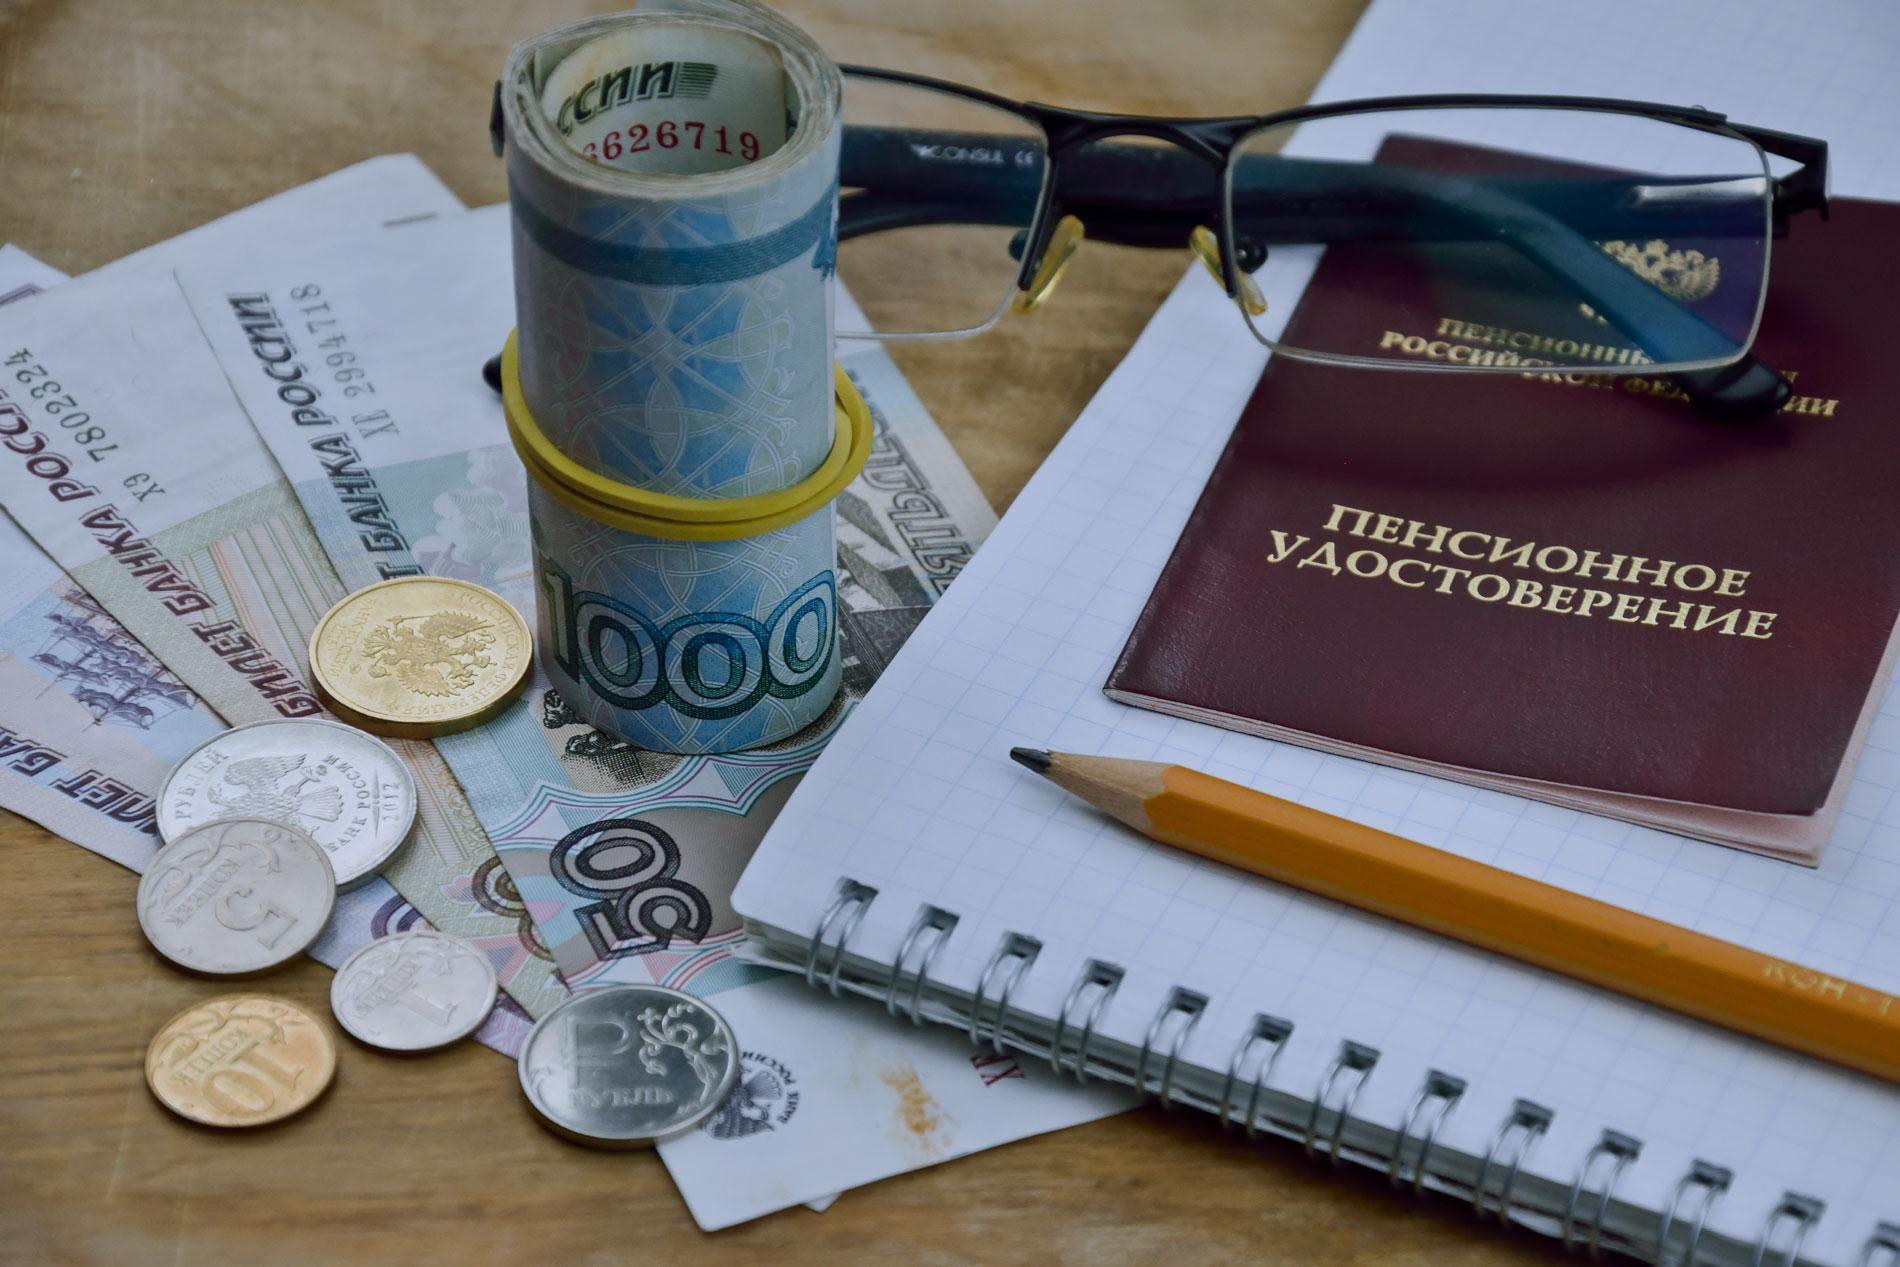 Пенсионный фонд проработает варианты выплаты накопительной части пенсии